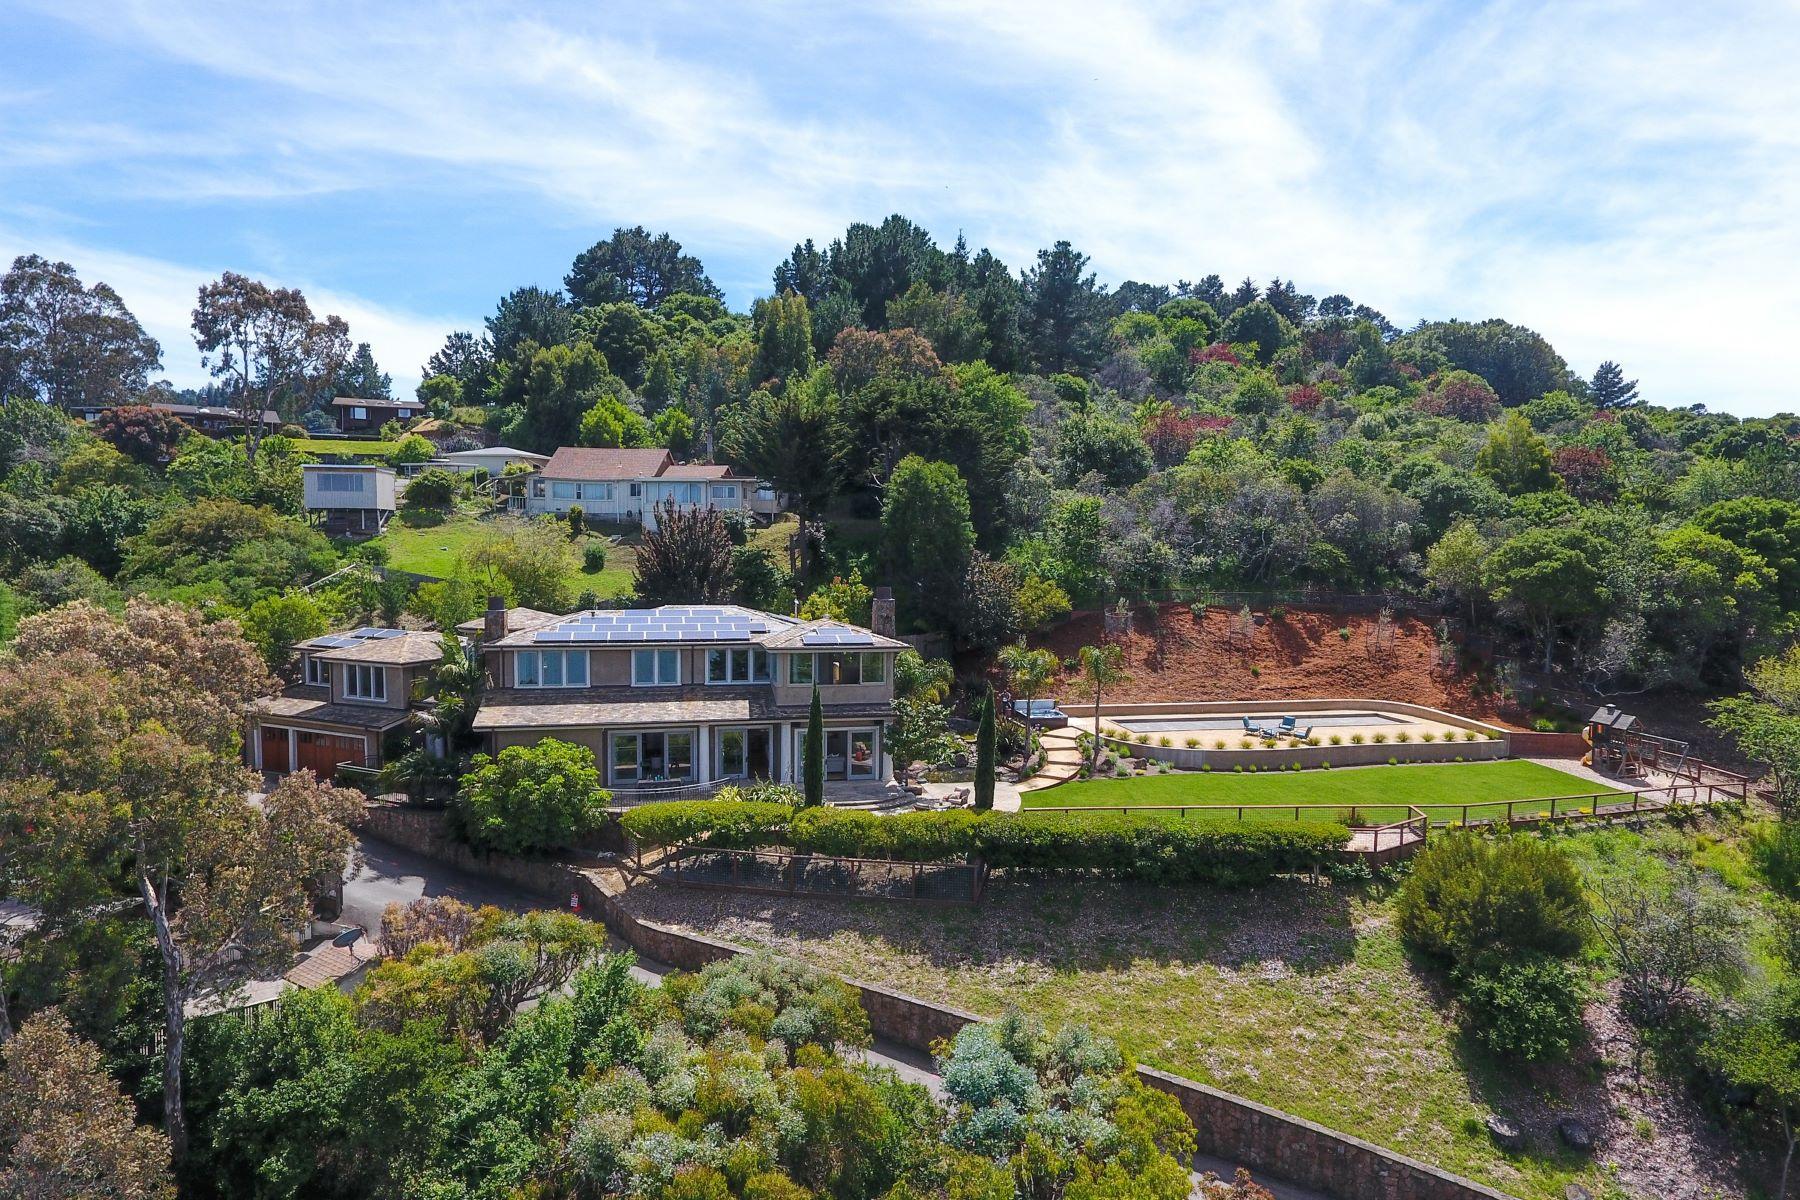 Casa Unifamiliar por un Venta en Stunning Private Villa in Tiburon! 4185 Paradise Dr Tiburon, California 94920 Estados Unidos